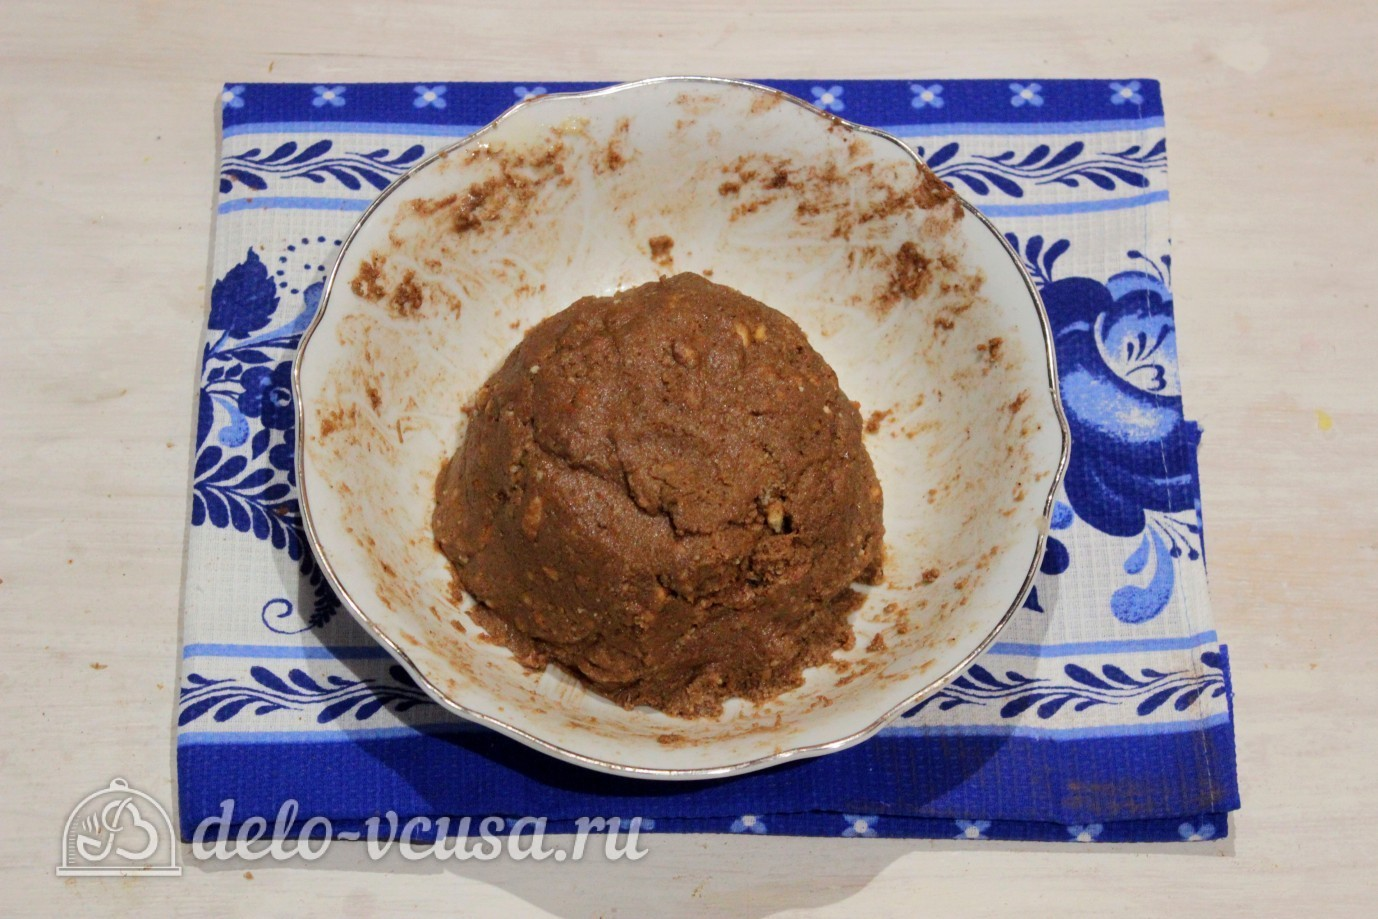 Рецепты печенья картошка в домашних условиях с фото пошагово